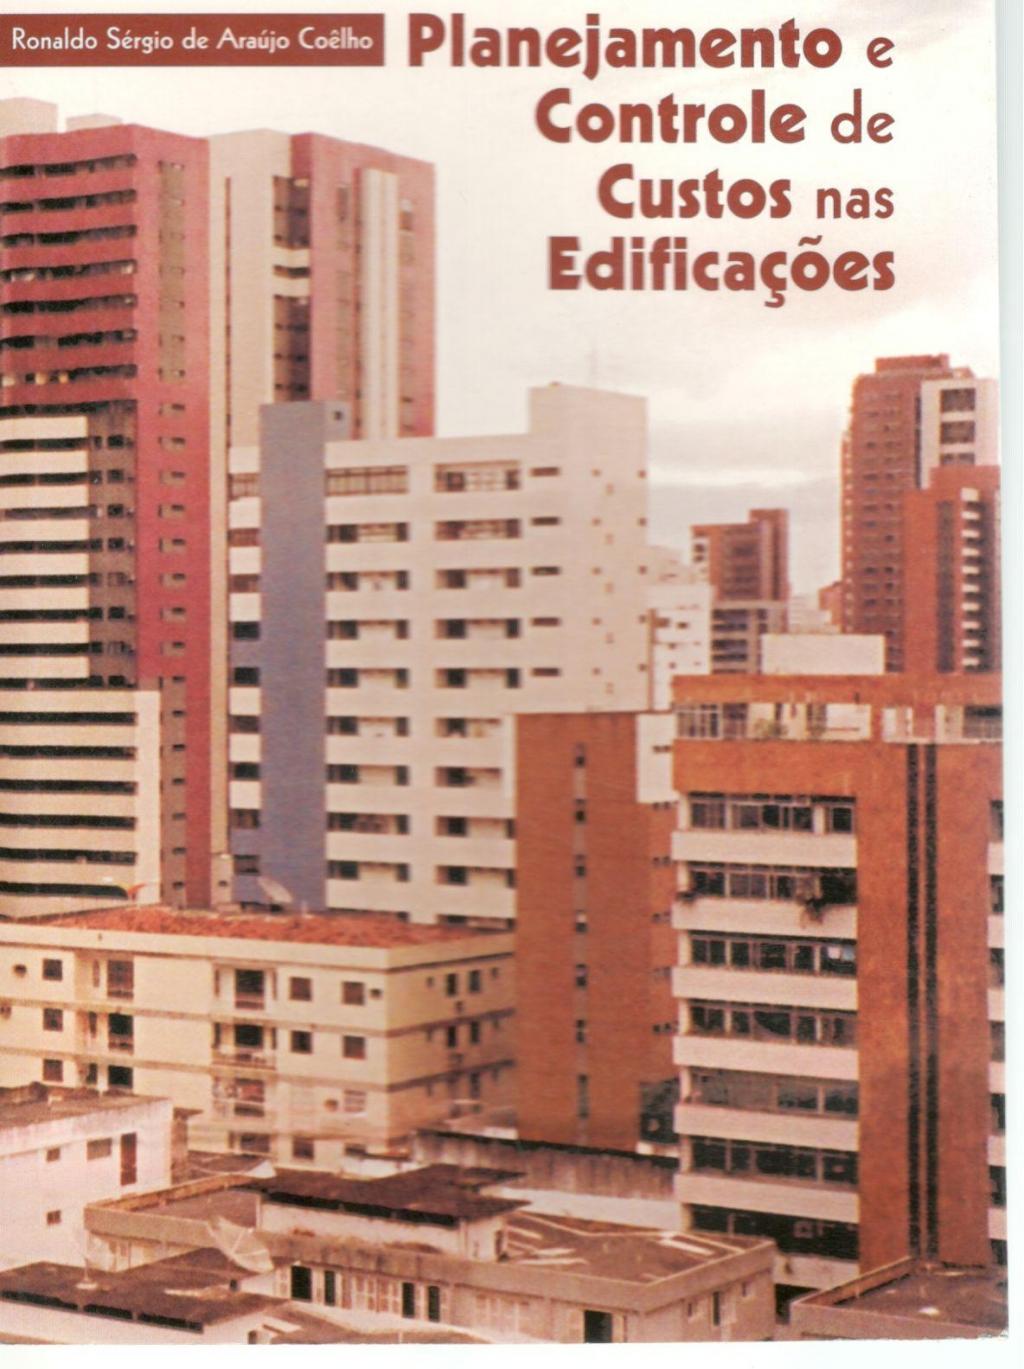 Planejamento e controle de custos nas edificações (DISPONÍVEL PARA DOWNLOAD)